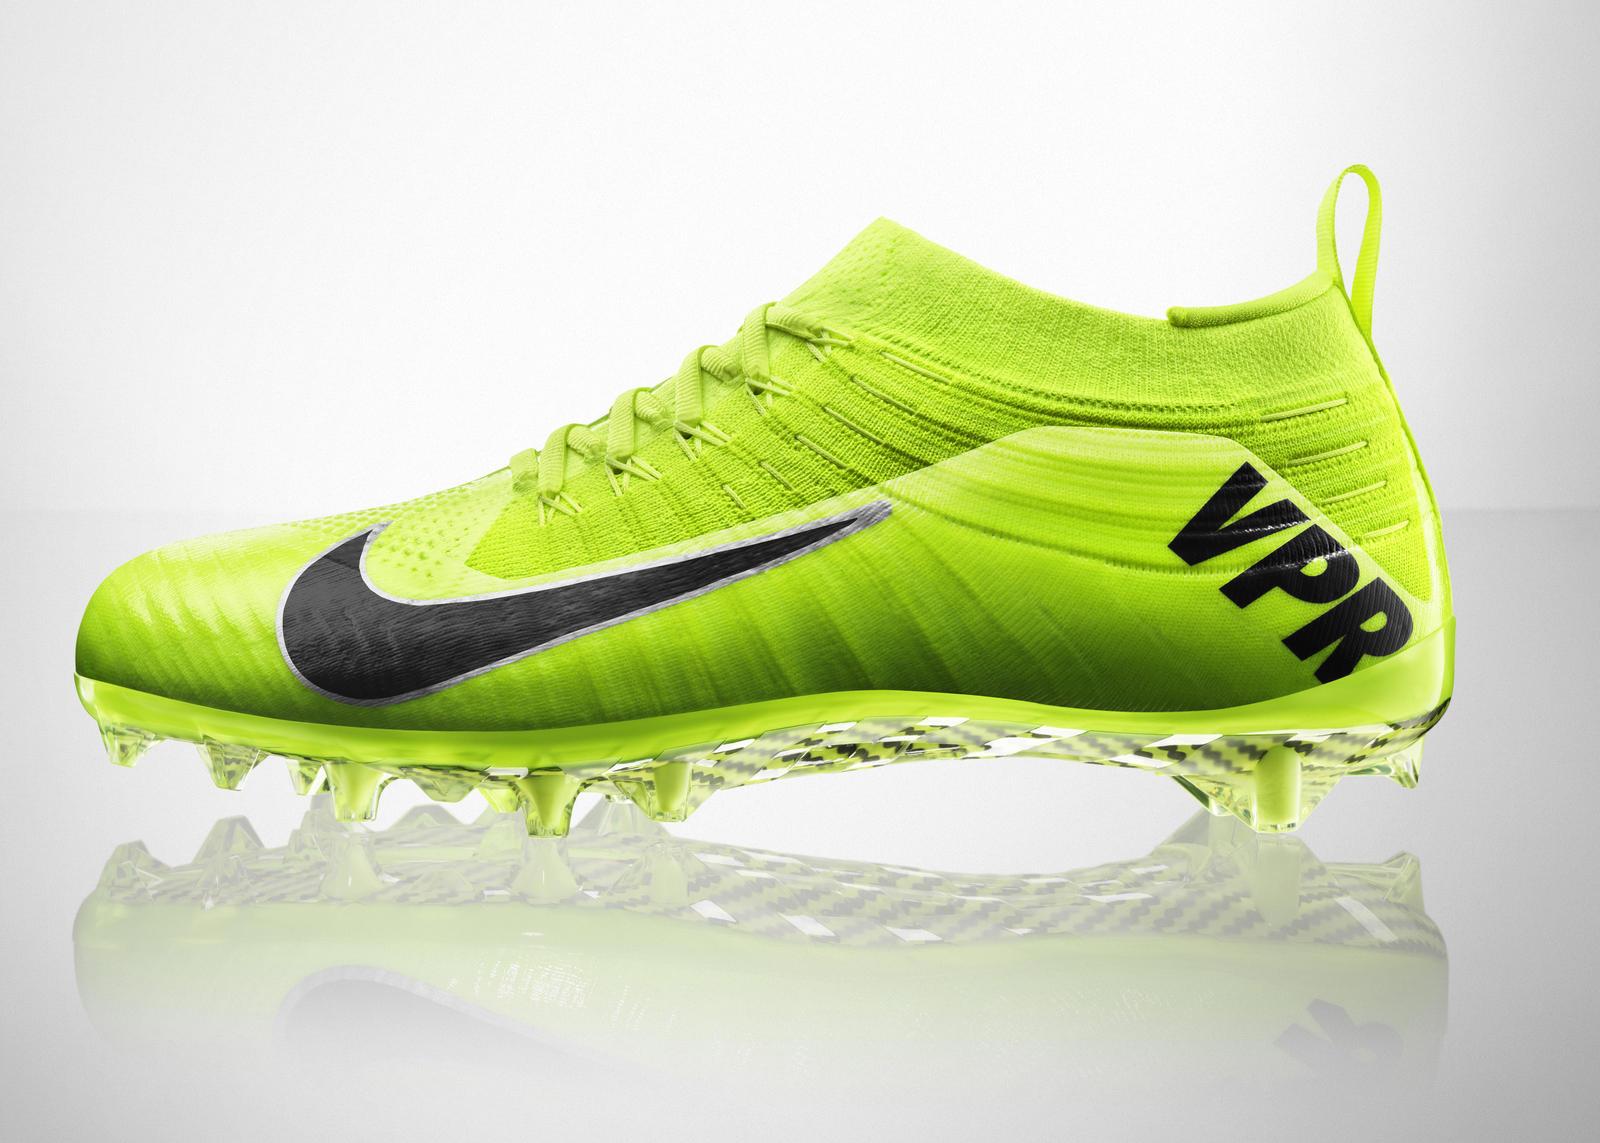 Accelerating Athletes Through Innovation: Nike Vapor ... - photo#12